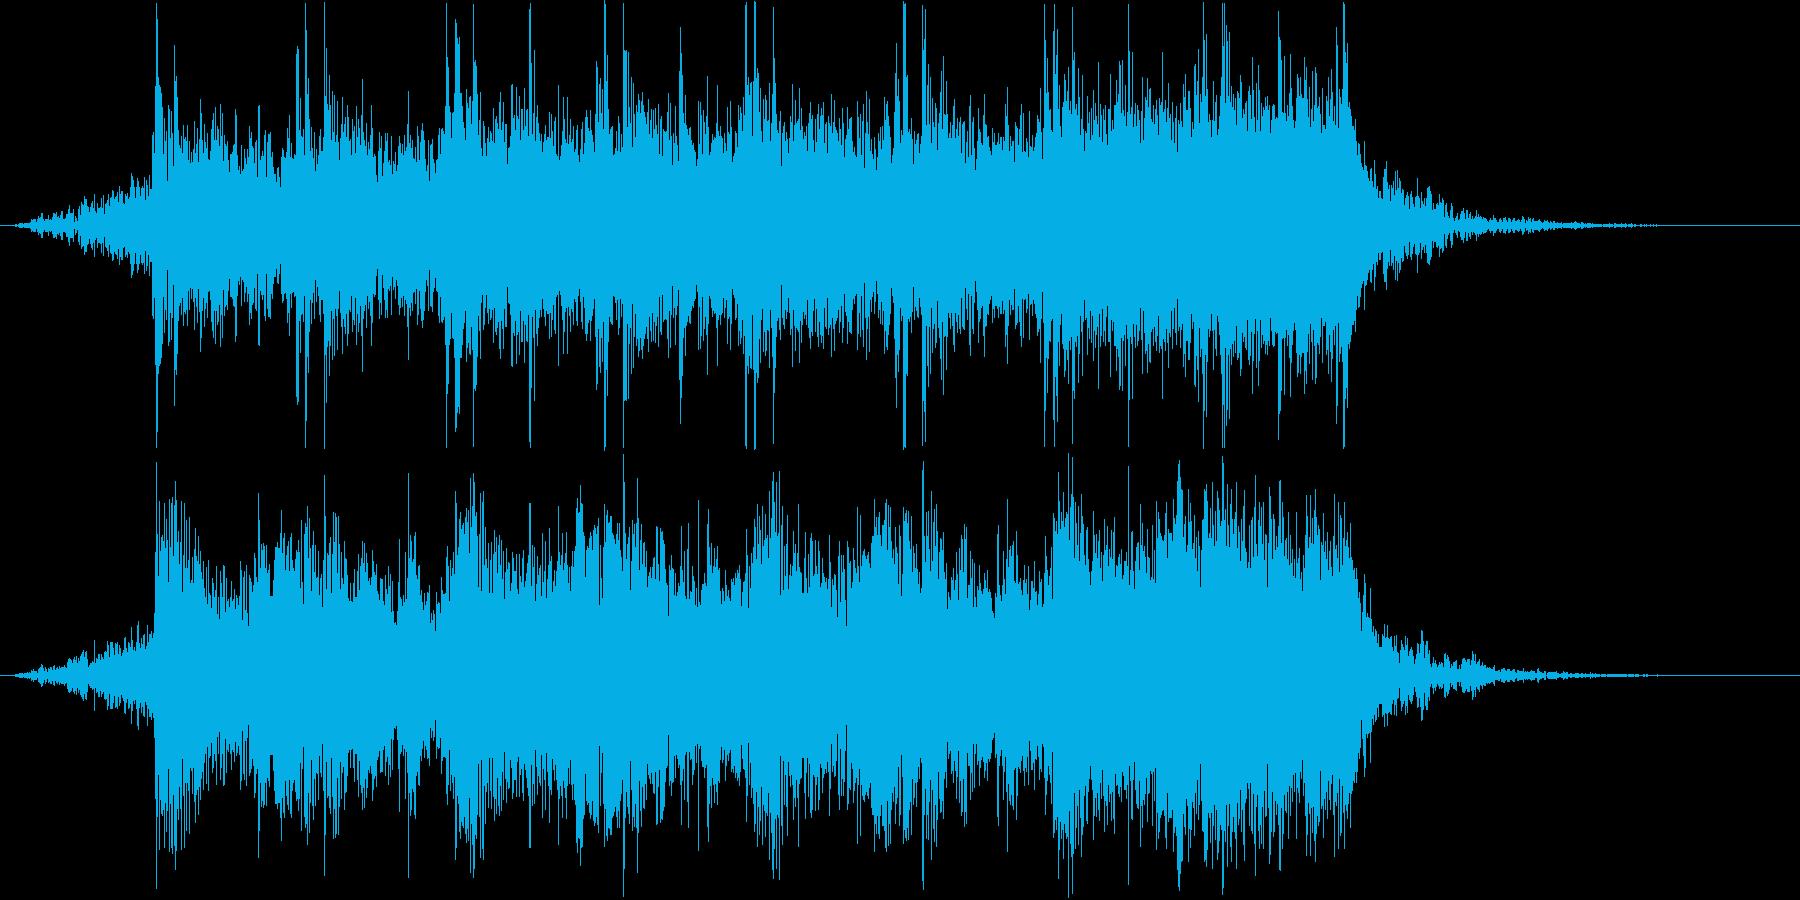 冷たいダンジョンぽい曲 20秒バージョンの再生済みの波形